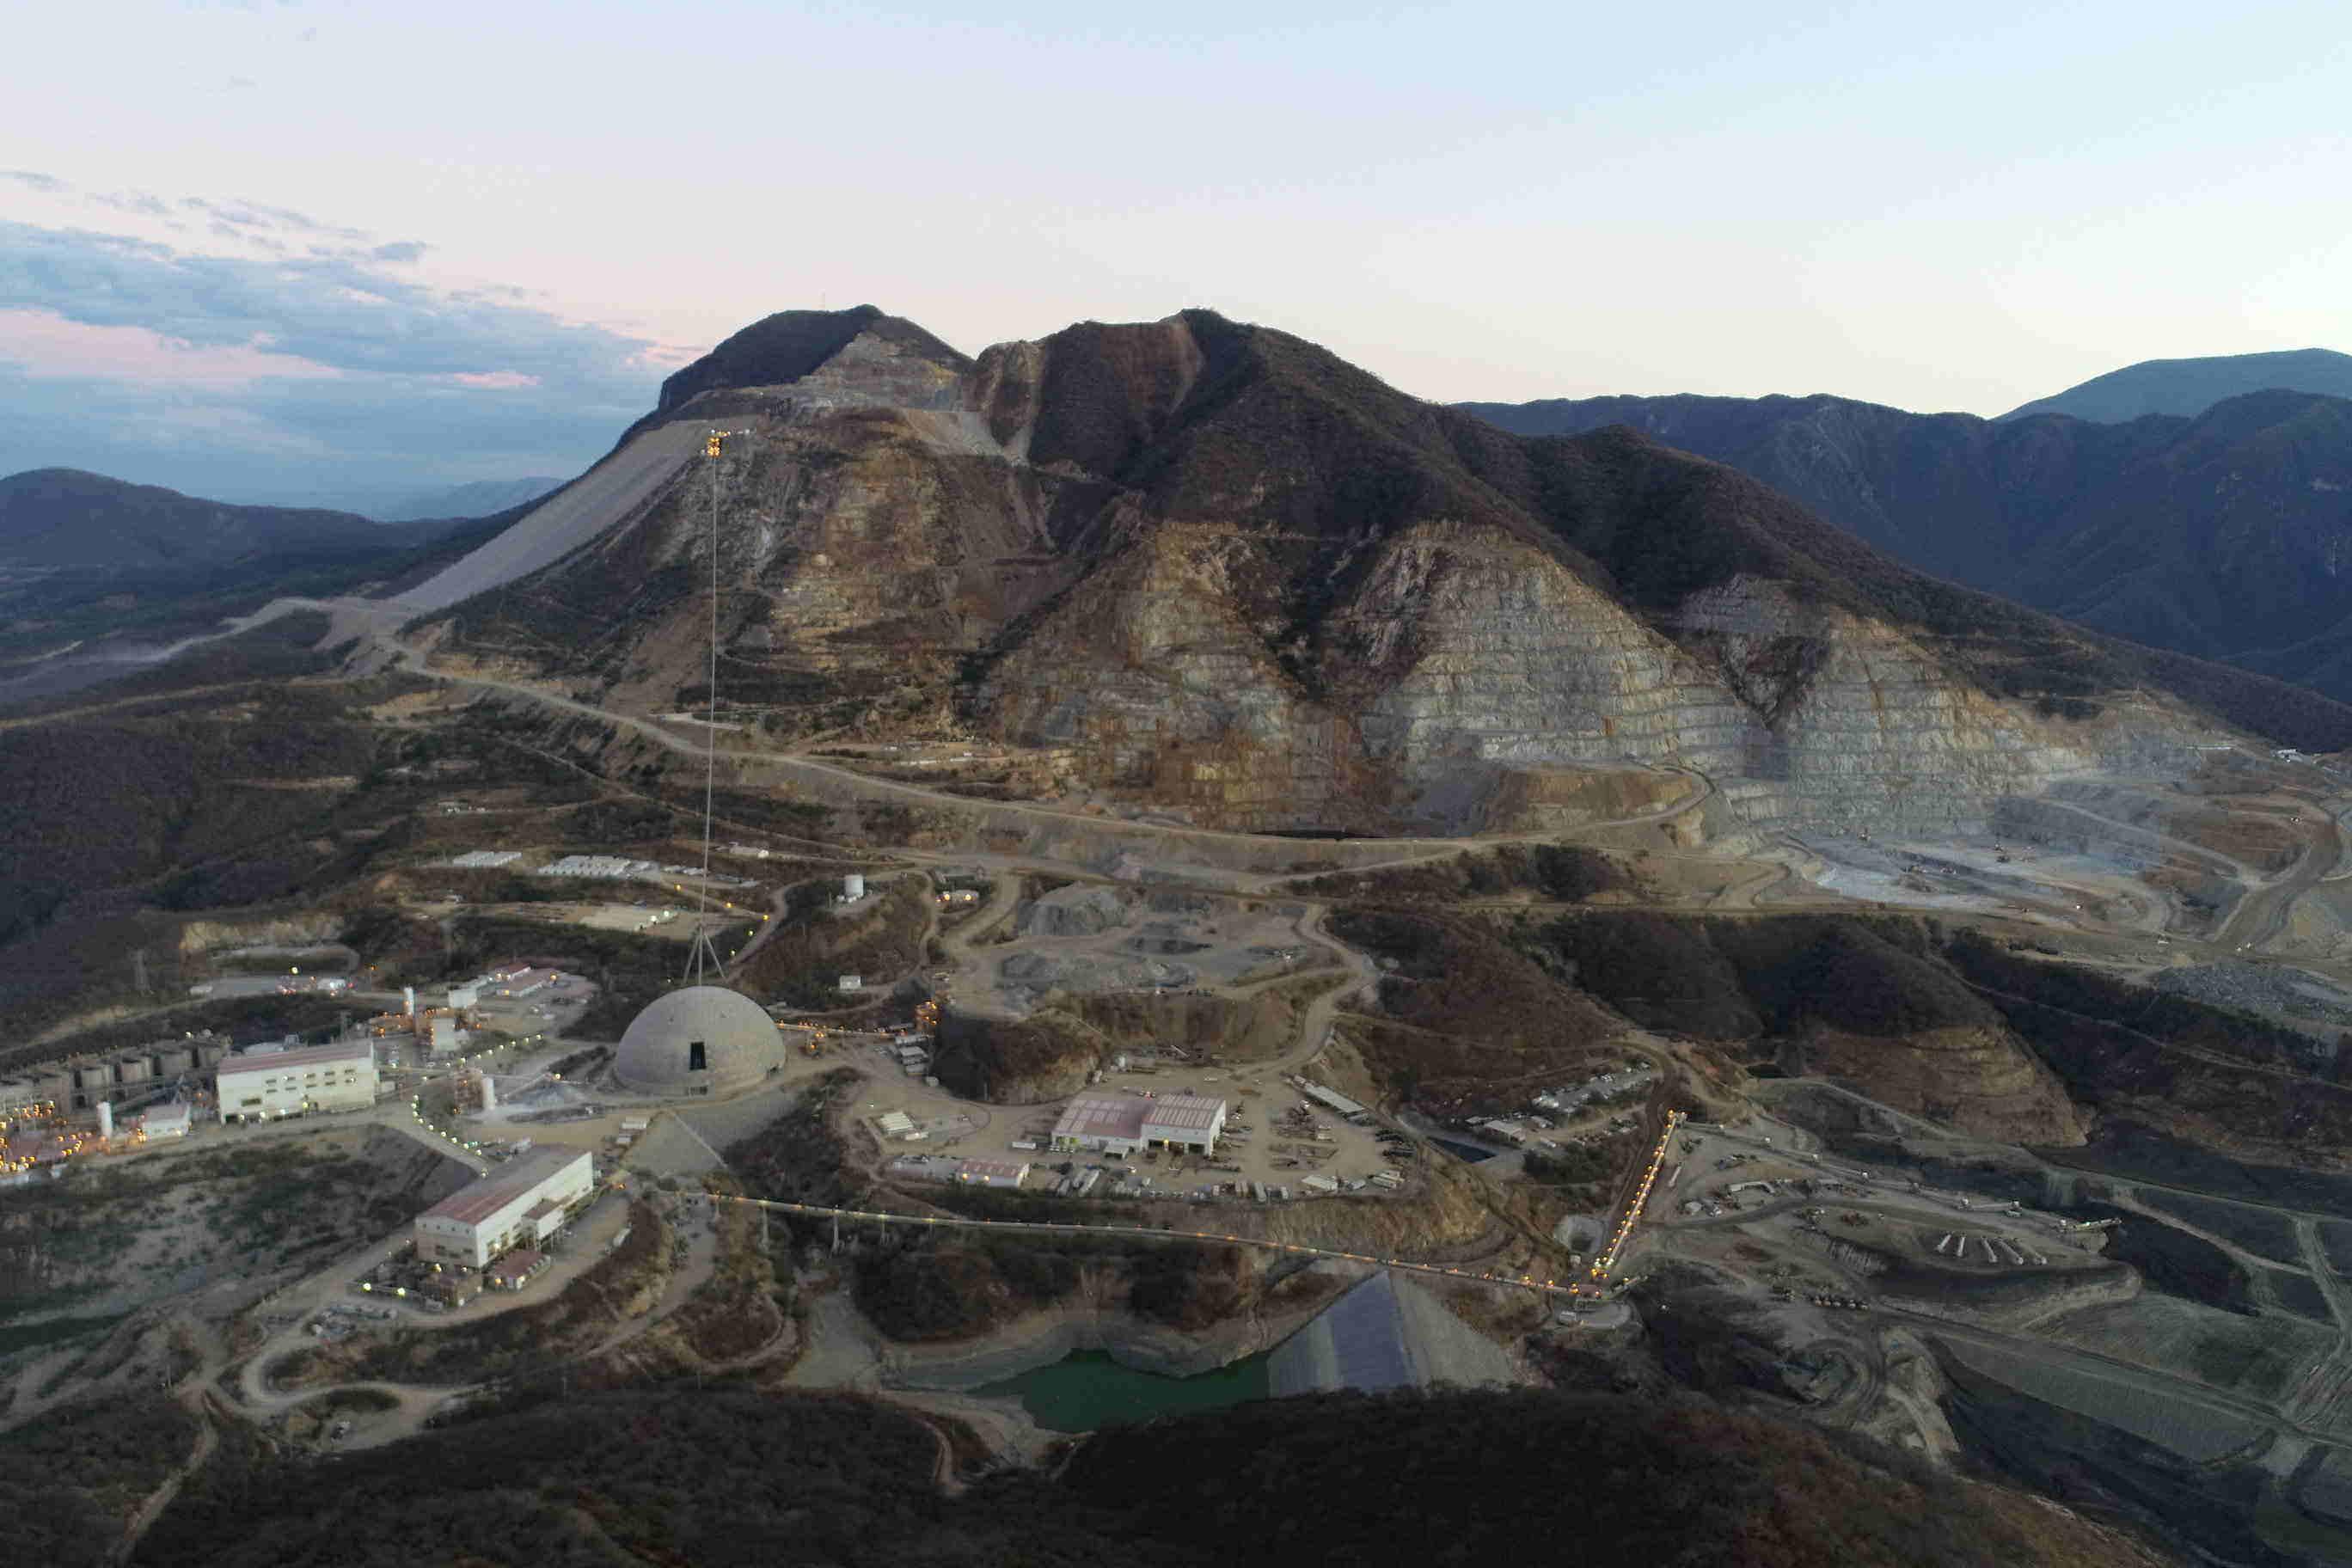 Latinoamérica ya no atrae tanto a inversores mineros, aunque producción sigue firme